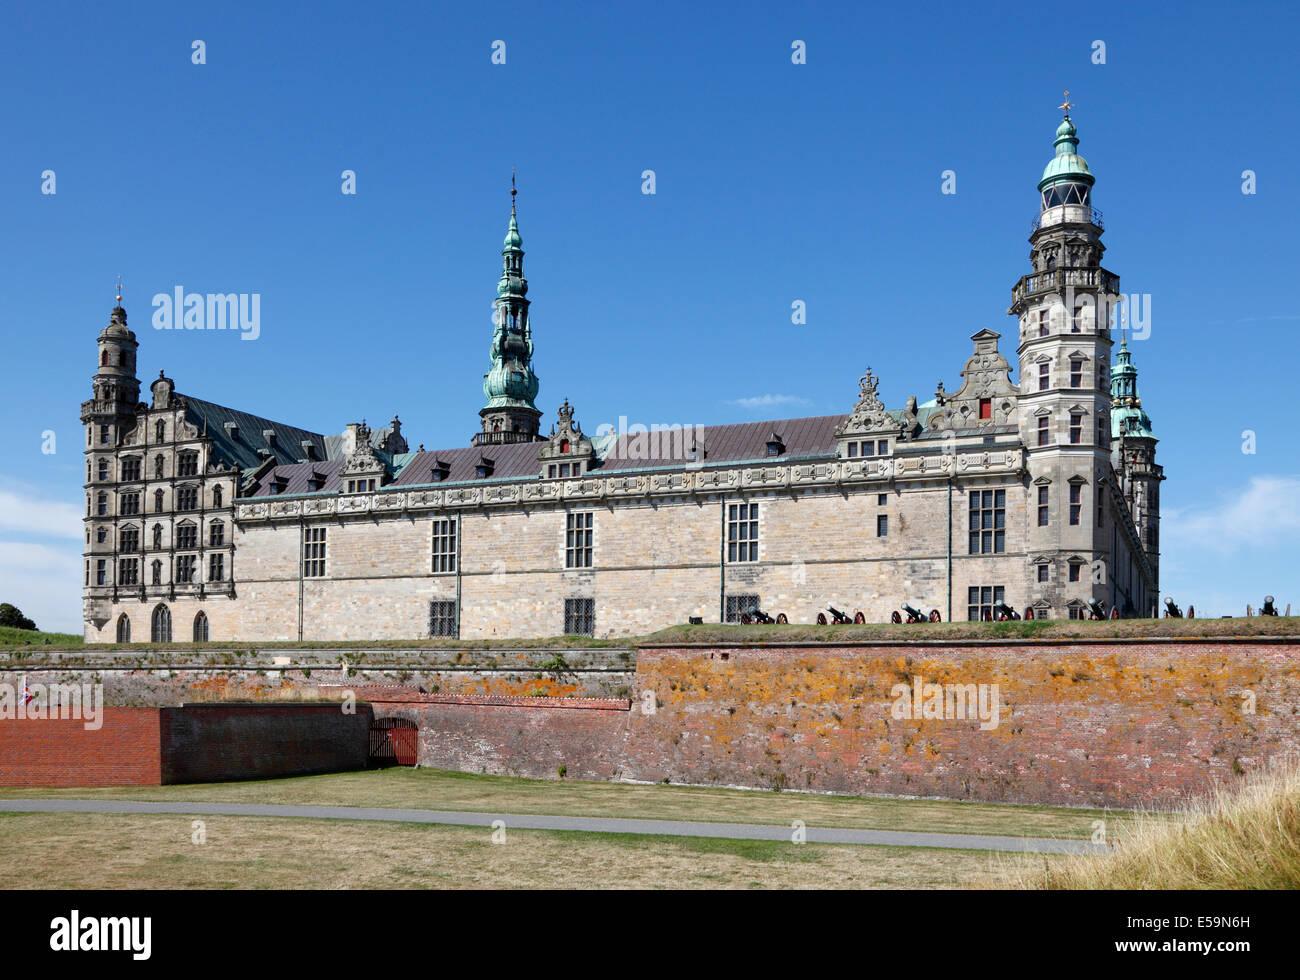 Le château renaissance de Kronborg à Elseneur (Helsingør, Danemark), vu de la plage sur une journée ensoleillée. Banque D'Images